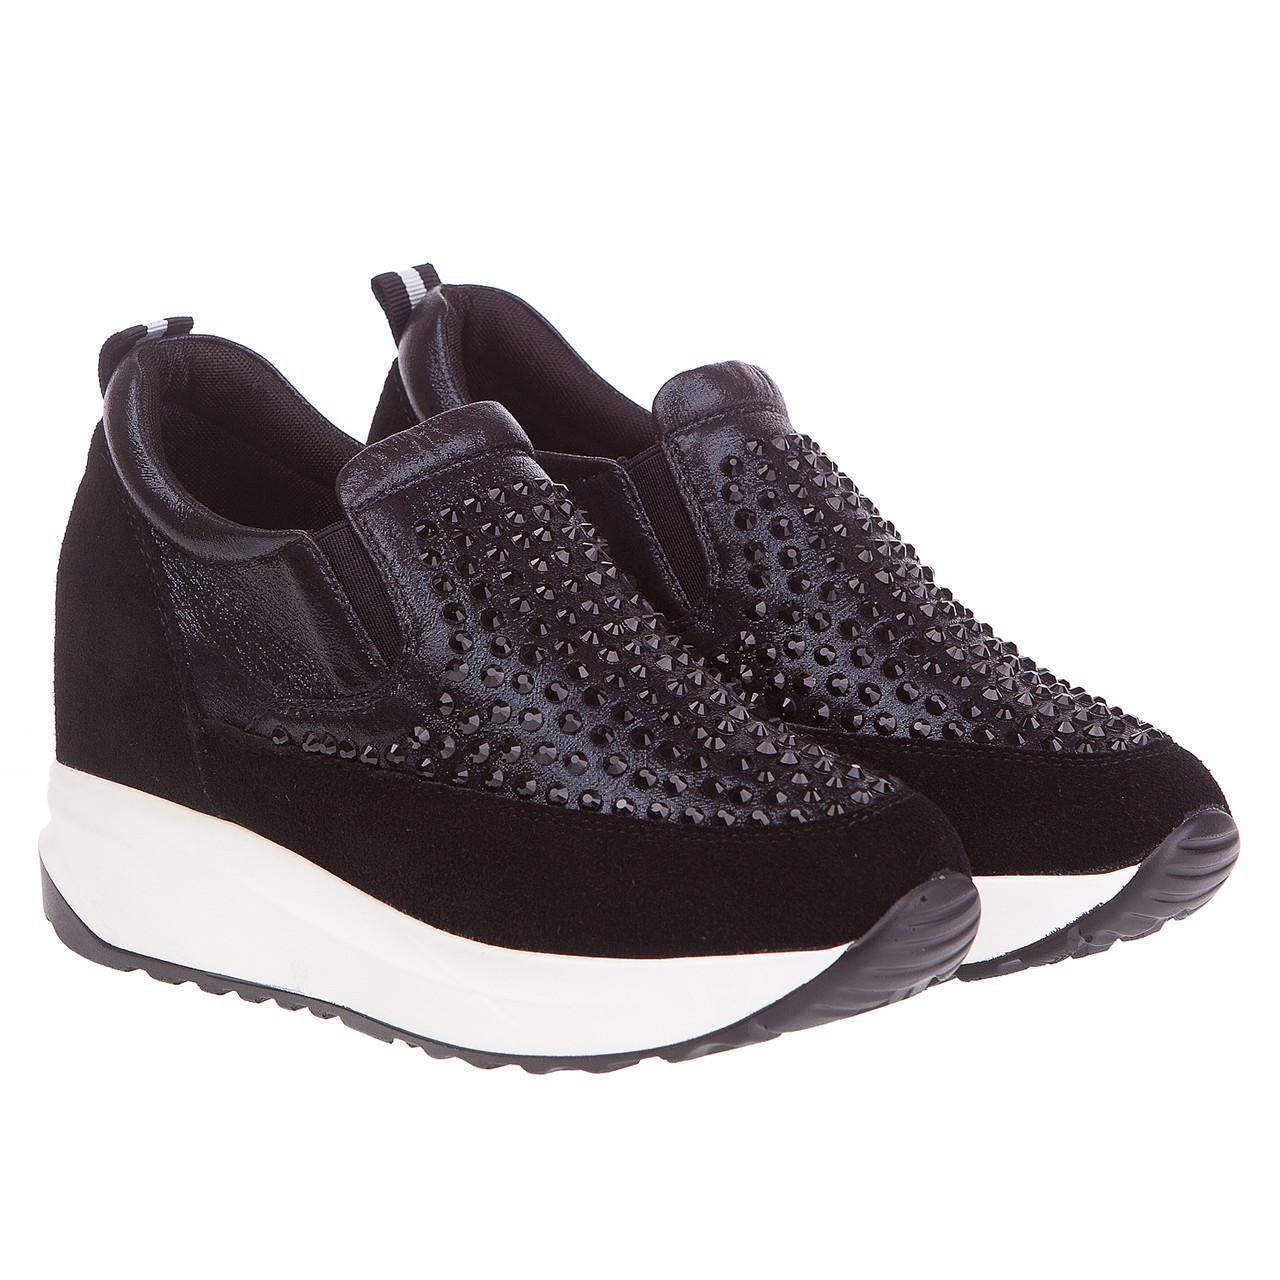 Кроссовки женские Gelsomino (черные, с стразами, модные, оригинальные,  удобные) e6014990fea